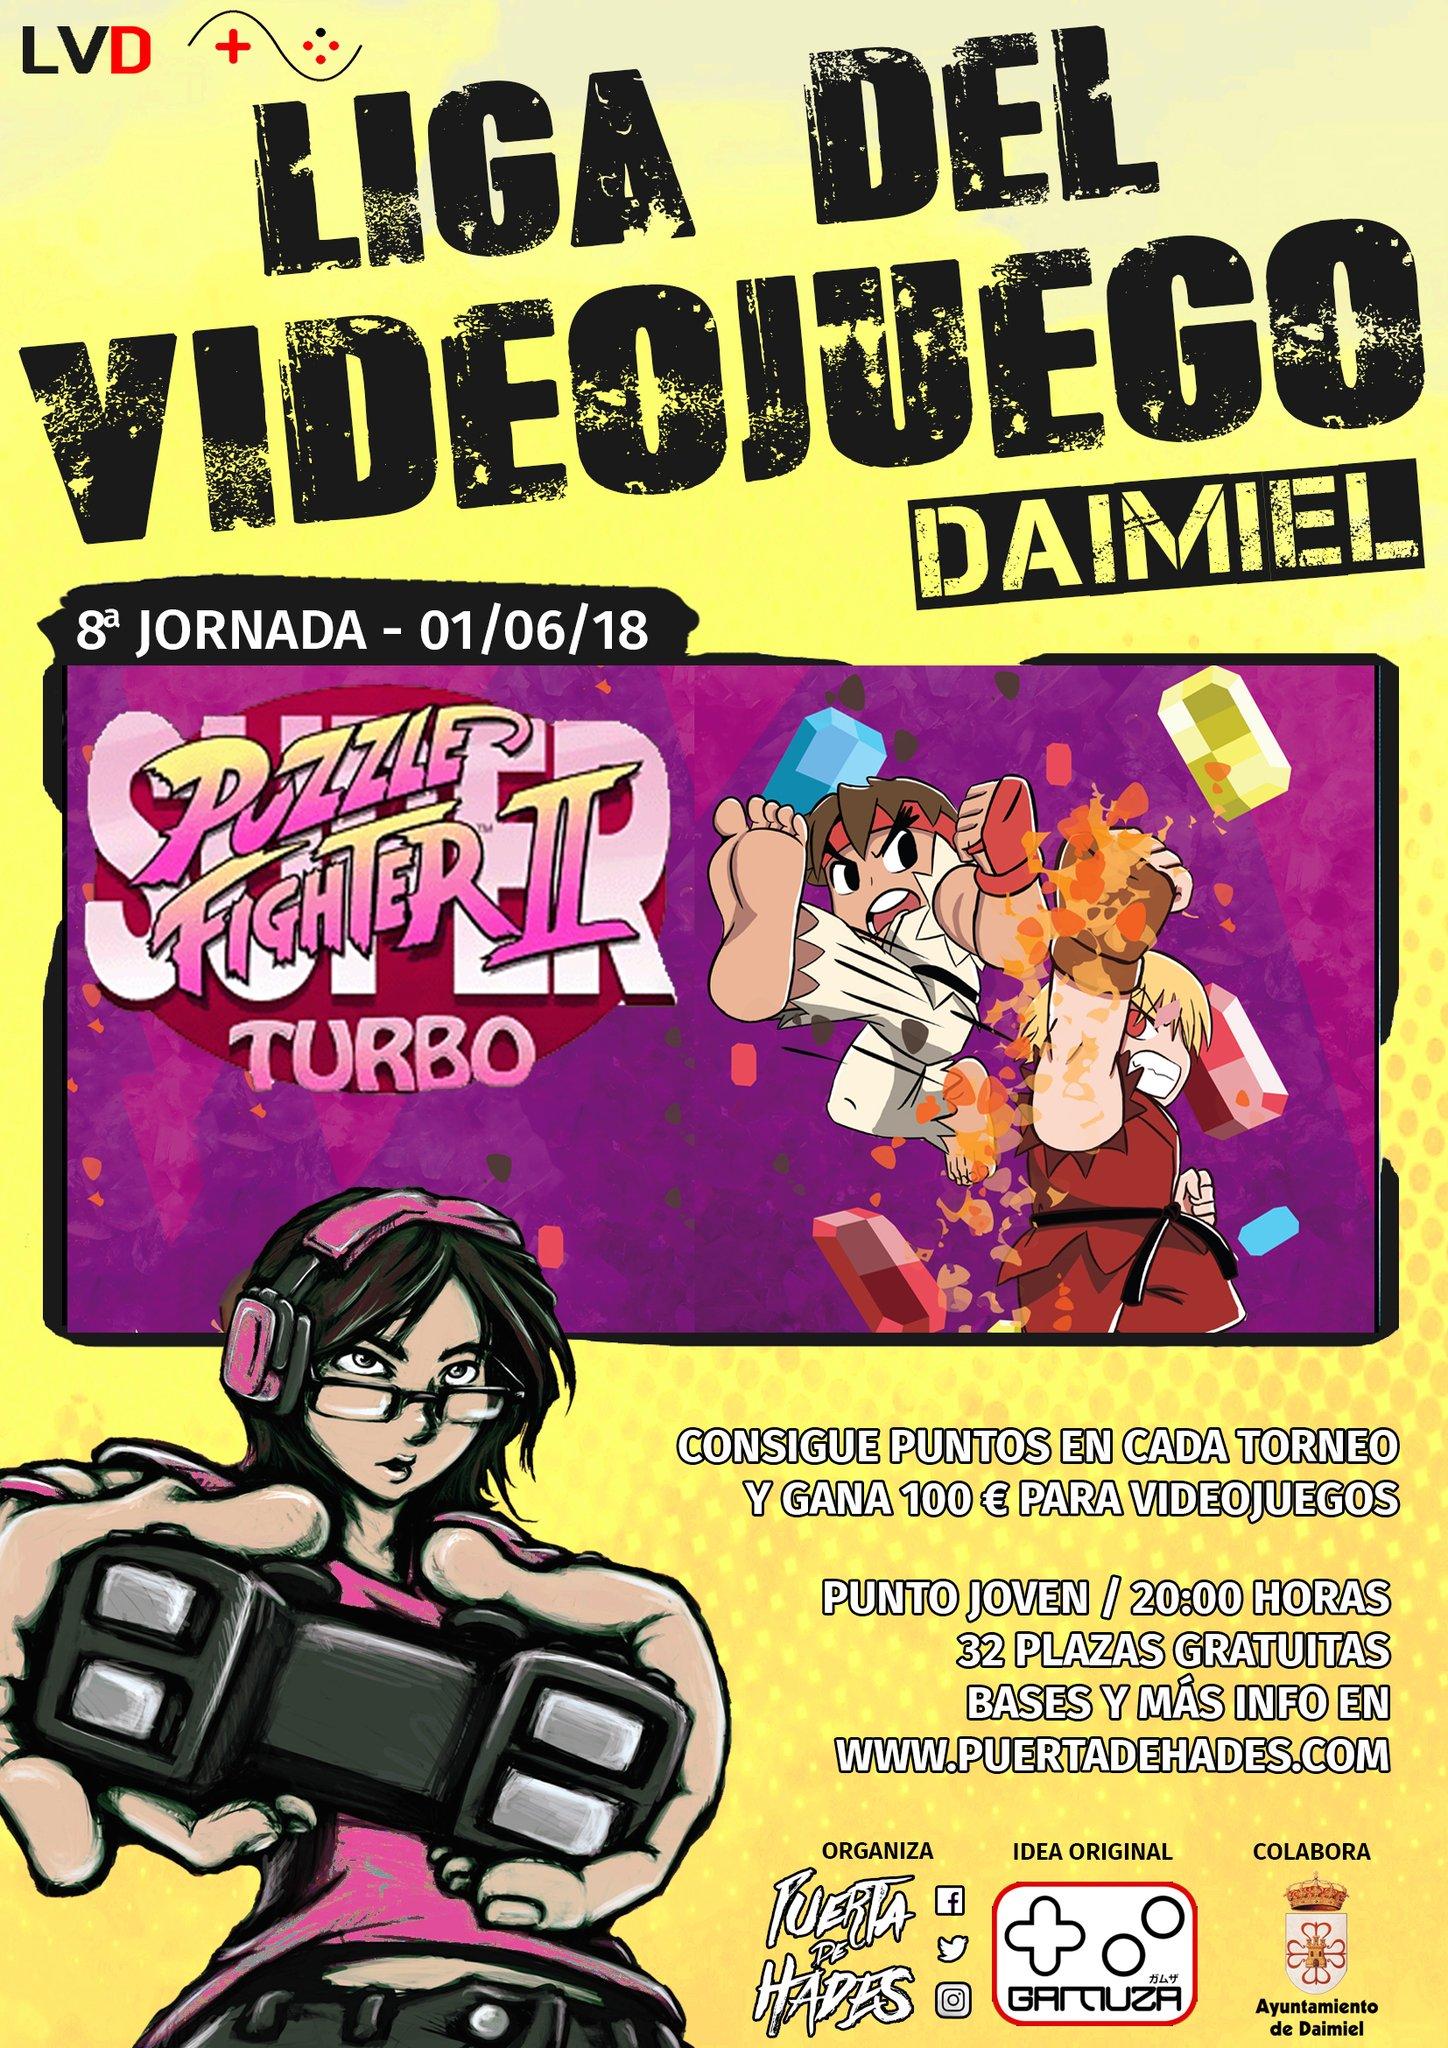 Liga de videojuegos daimiel jornada 8